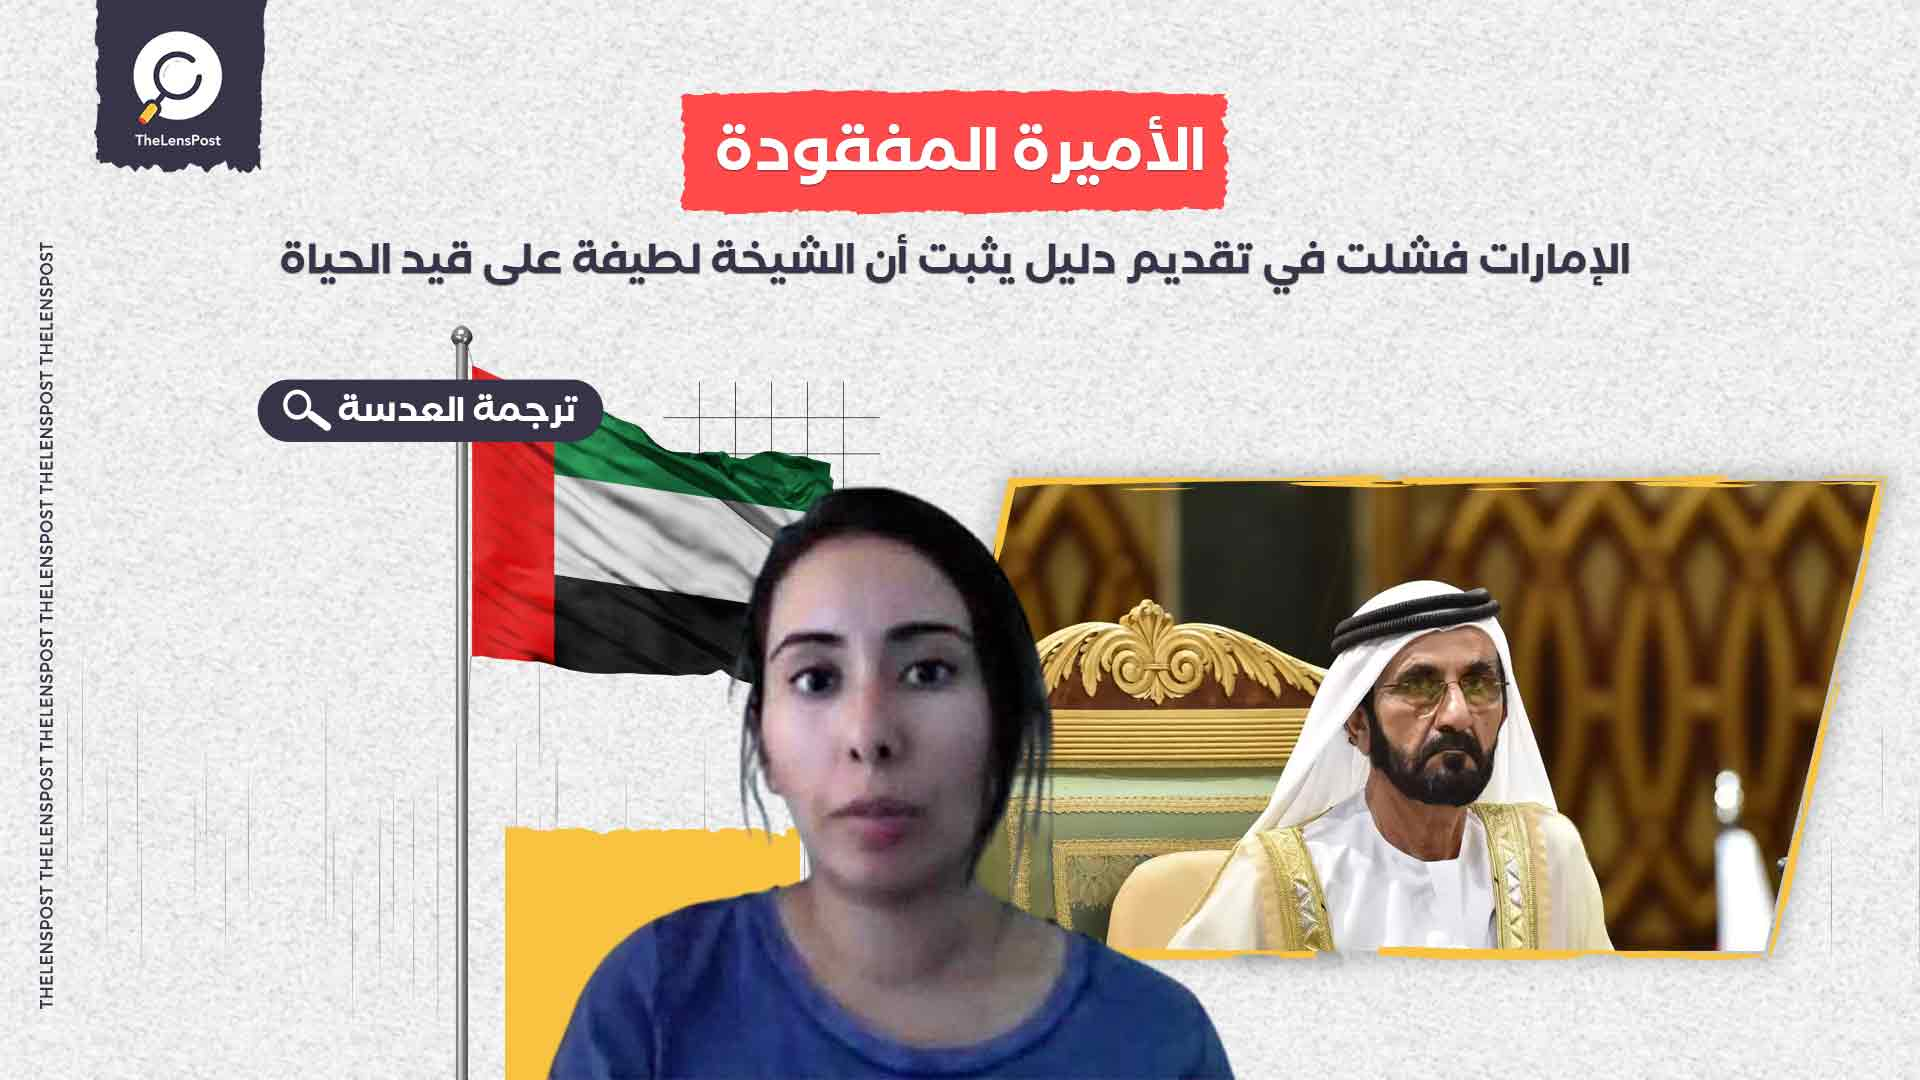 الأميرة المفقودة: الإمارات فشلت في تقديم دليل يثبت أن الشيخة لطيفة على قيد الحياة